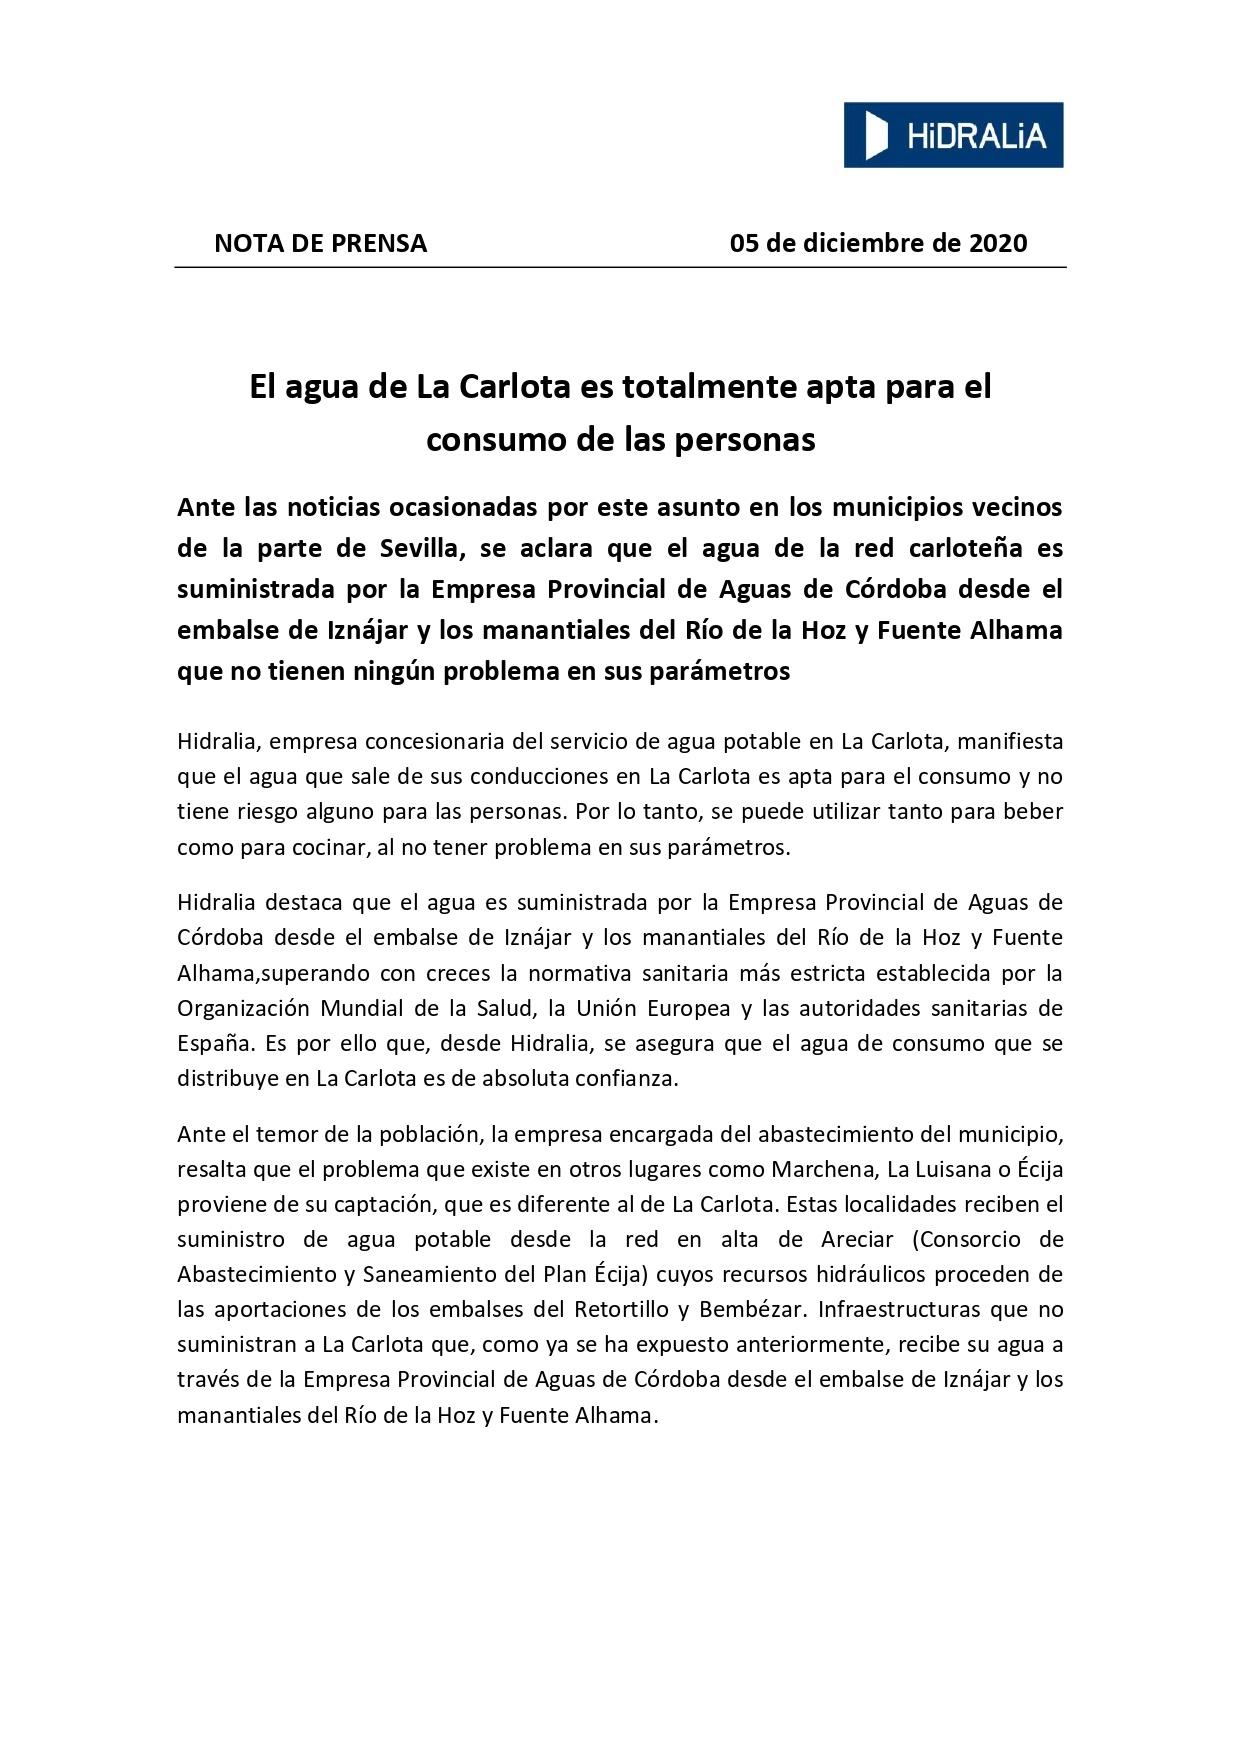 INFORMACIÓN DE LA EMPRESA DE AGUA POTABLE DE LA CARLOTA EL AGUA DE LA CARLOTA ES TOTALMENTE APTA PARA EL CONSUMO DE LAS PERSONAS  1